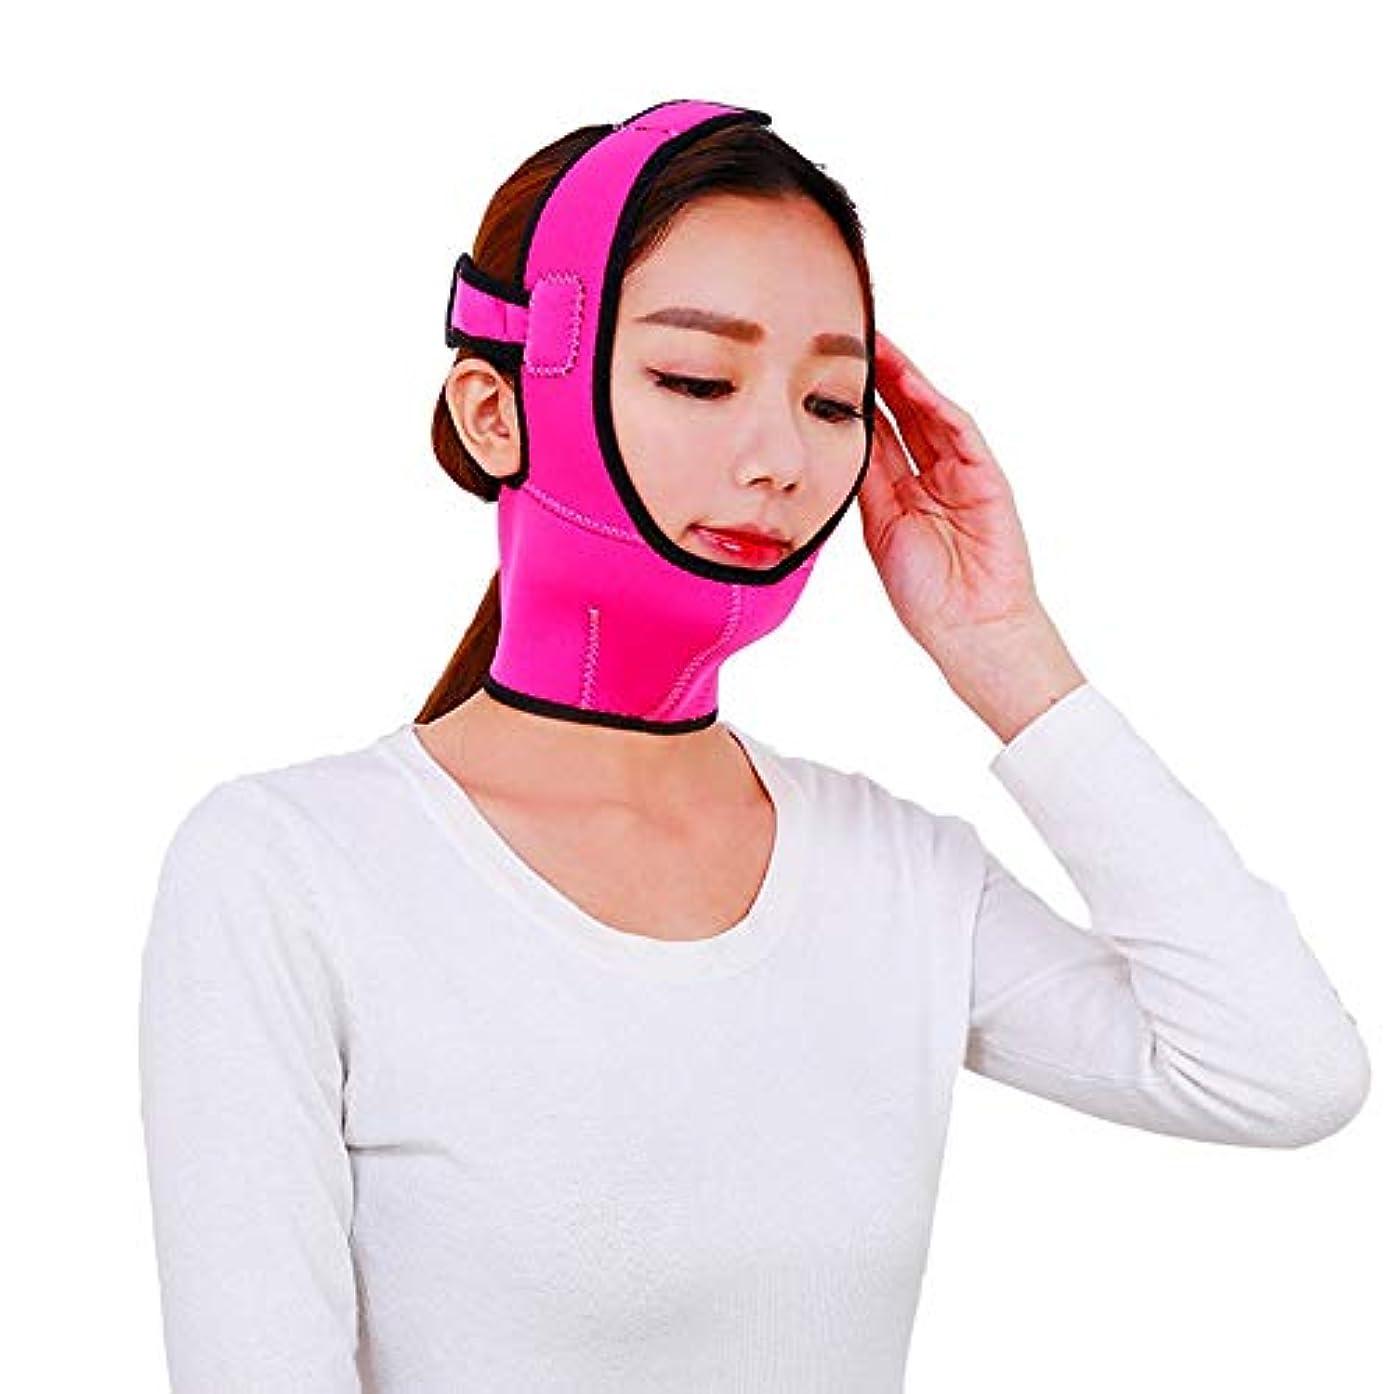 フェミニン分配します熟達Minmin フェイシャルリフティング痩身ベルト - 薄いフェイス包帯フェイスマスクベルトフリーフェイシャルマッサージ整形マスクダブルチンワークアウト みんみんVラインフェイスマスク